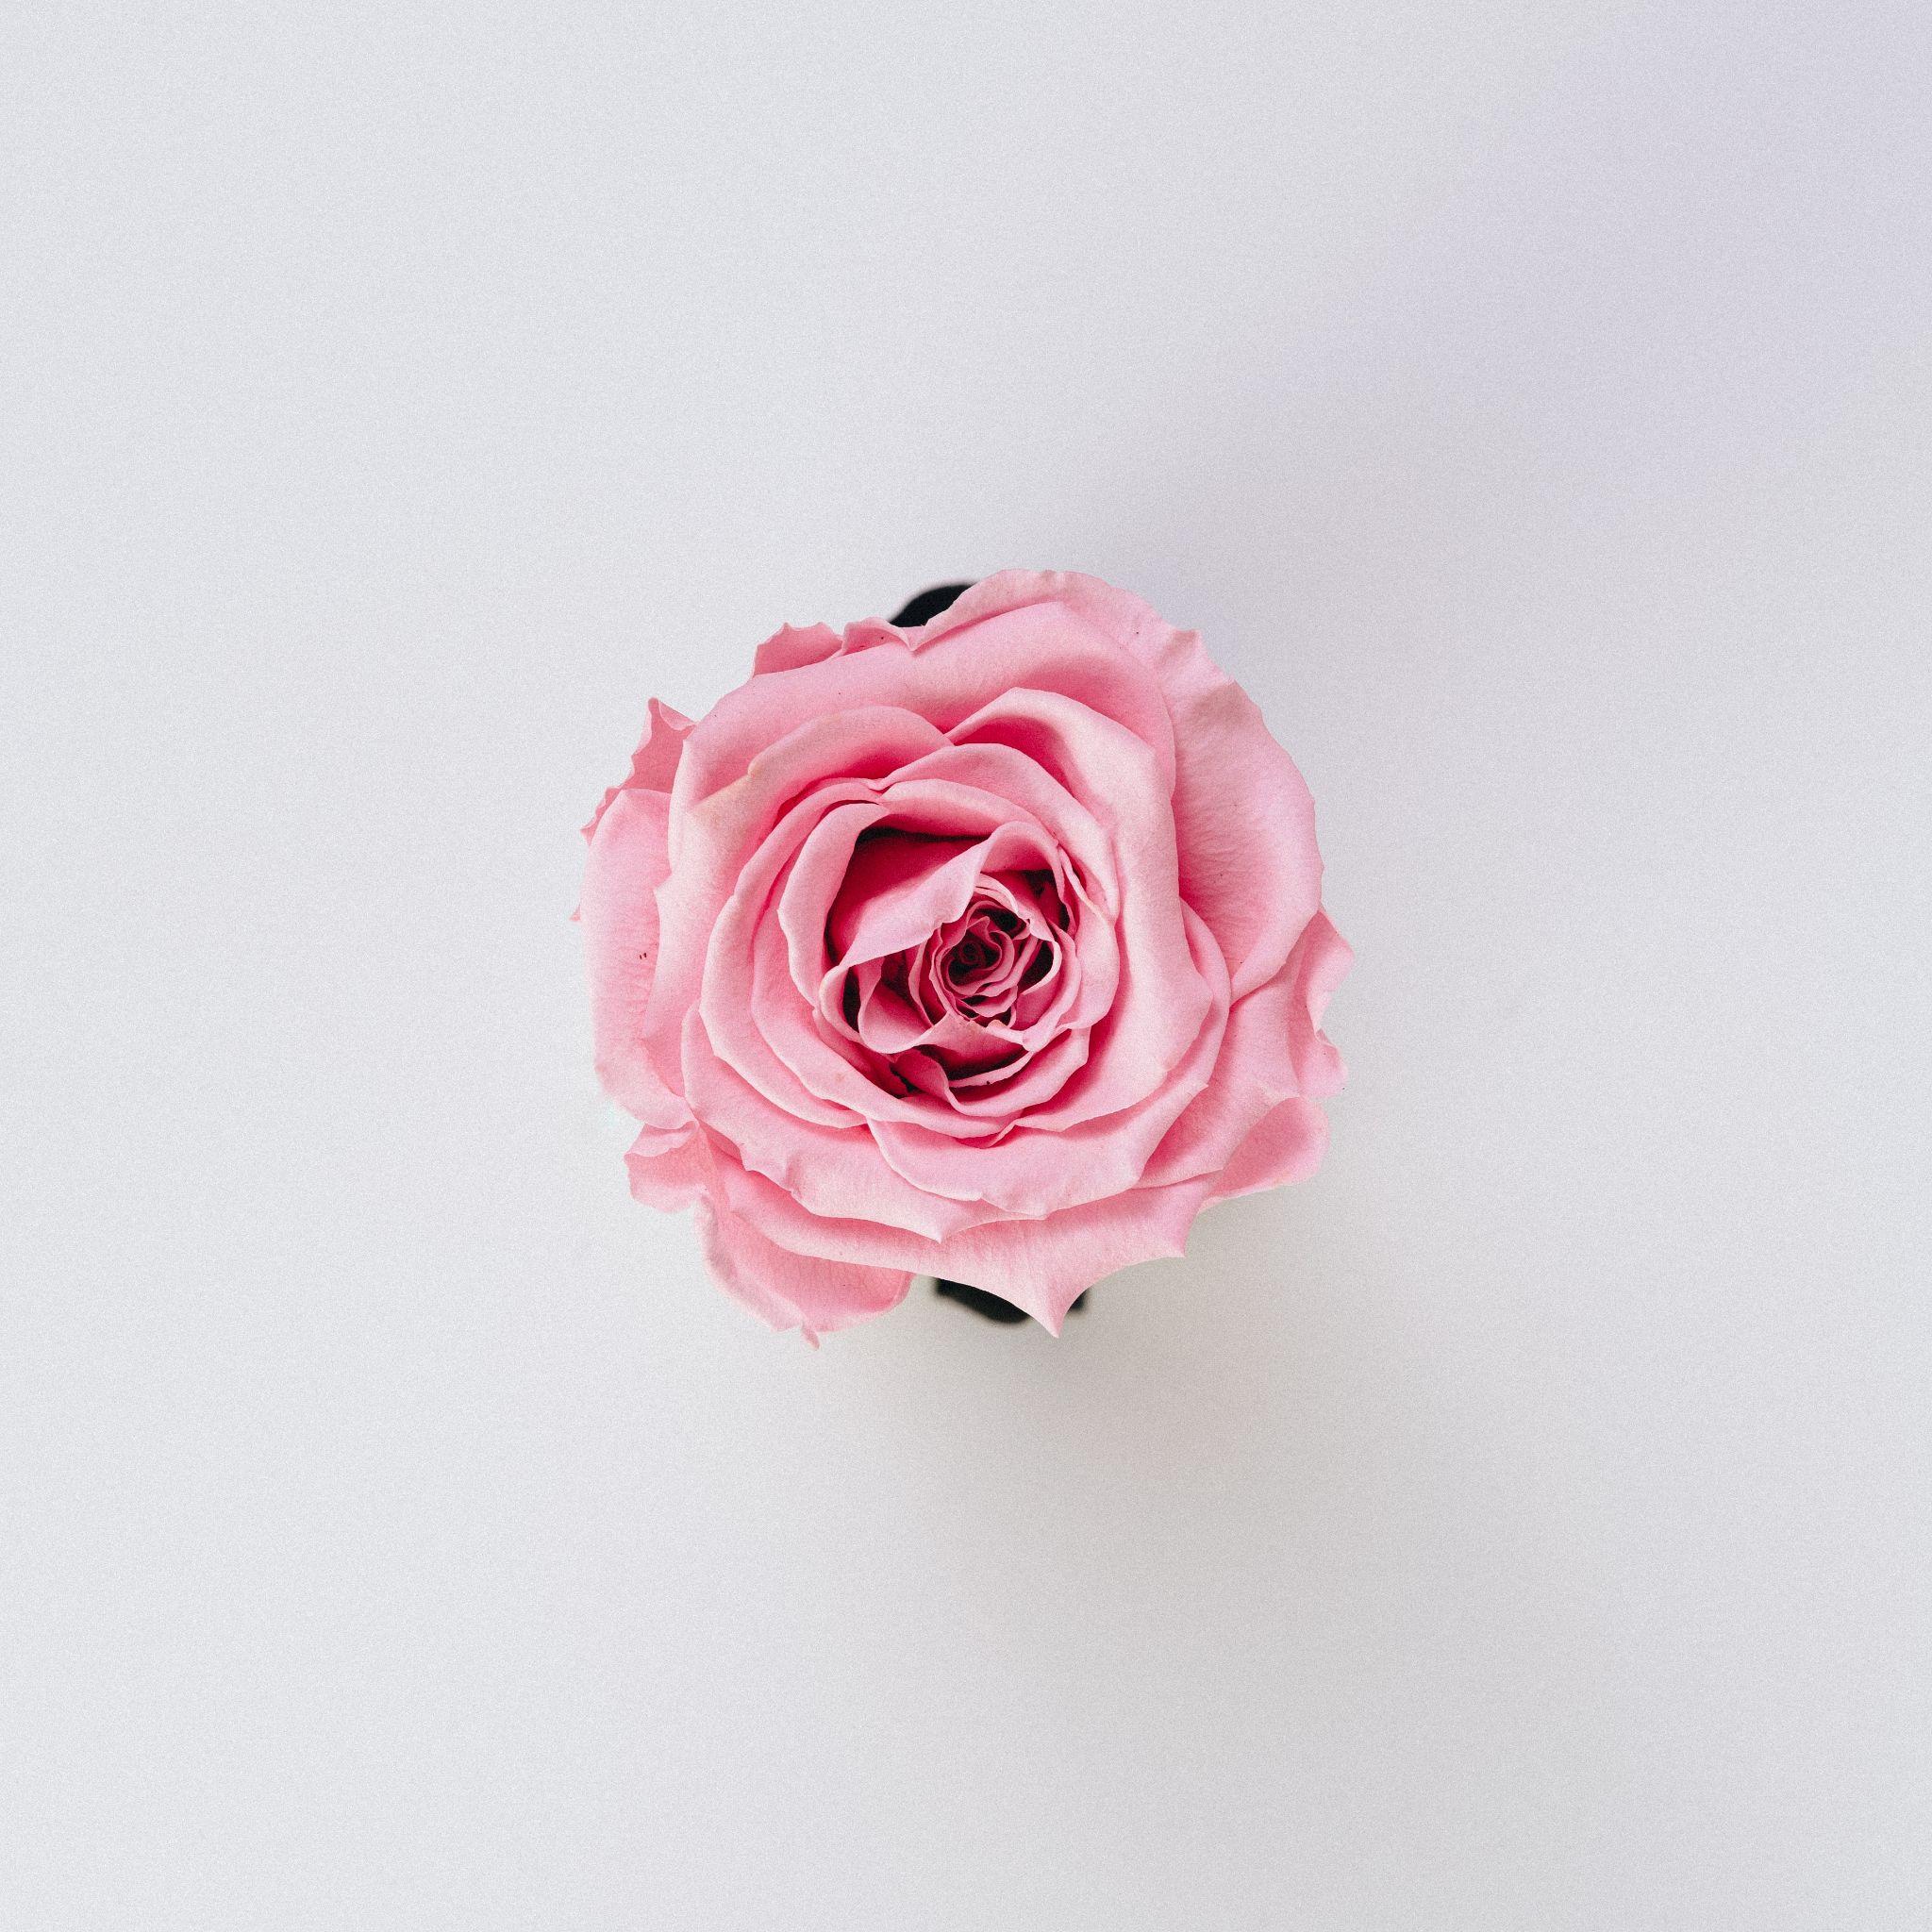 Une photo illustrative d'une belle fleur de rose.